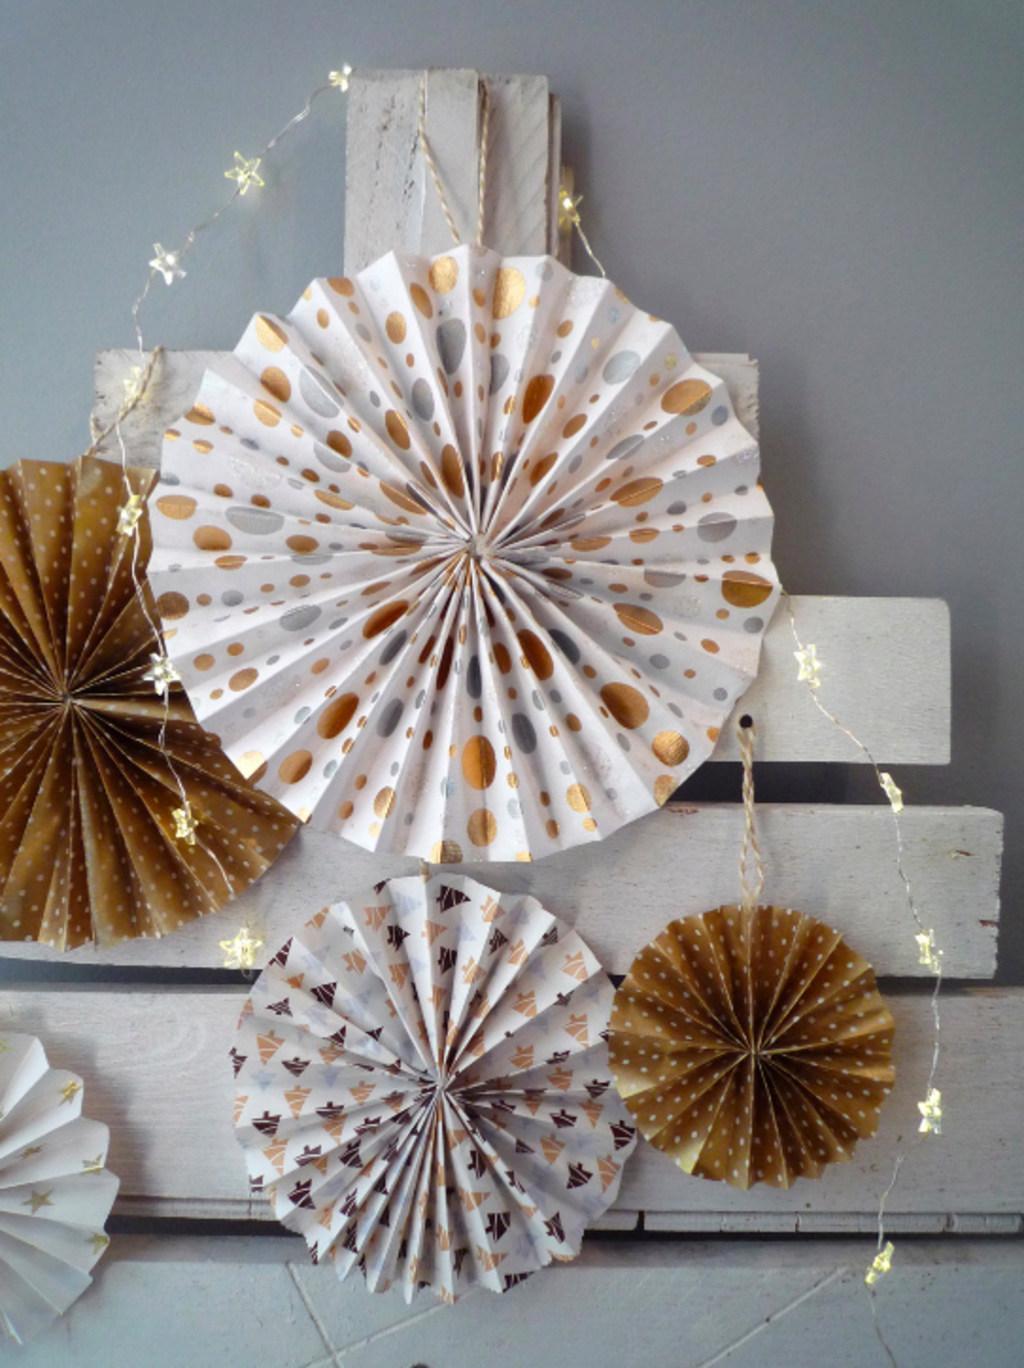 #674224 DIY : Notre Sélection De Décorations De Noël à Faire Soi  5413 décorations de noel en papier 1024x1368 px @ aertt.com